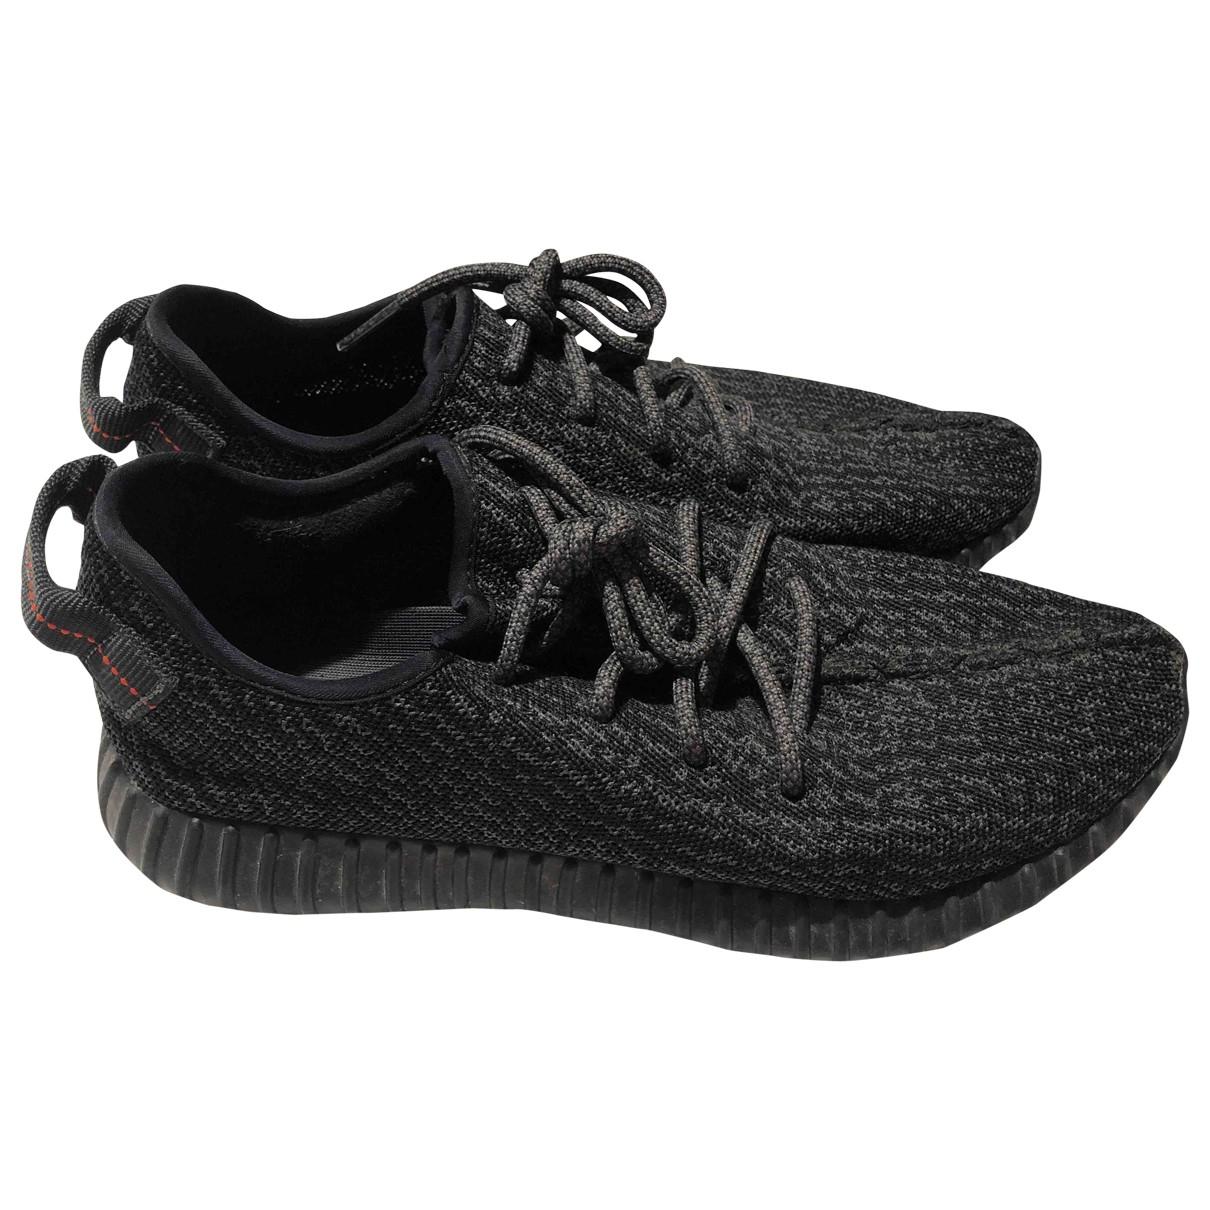 Yeezy X Adidas - Baskets Boost 350 V1 pour homme en toile - noir